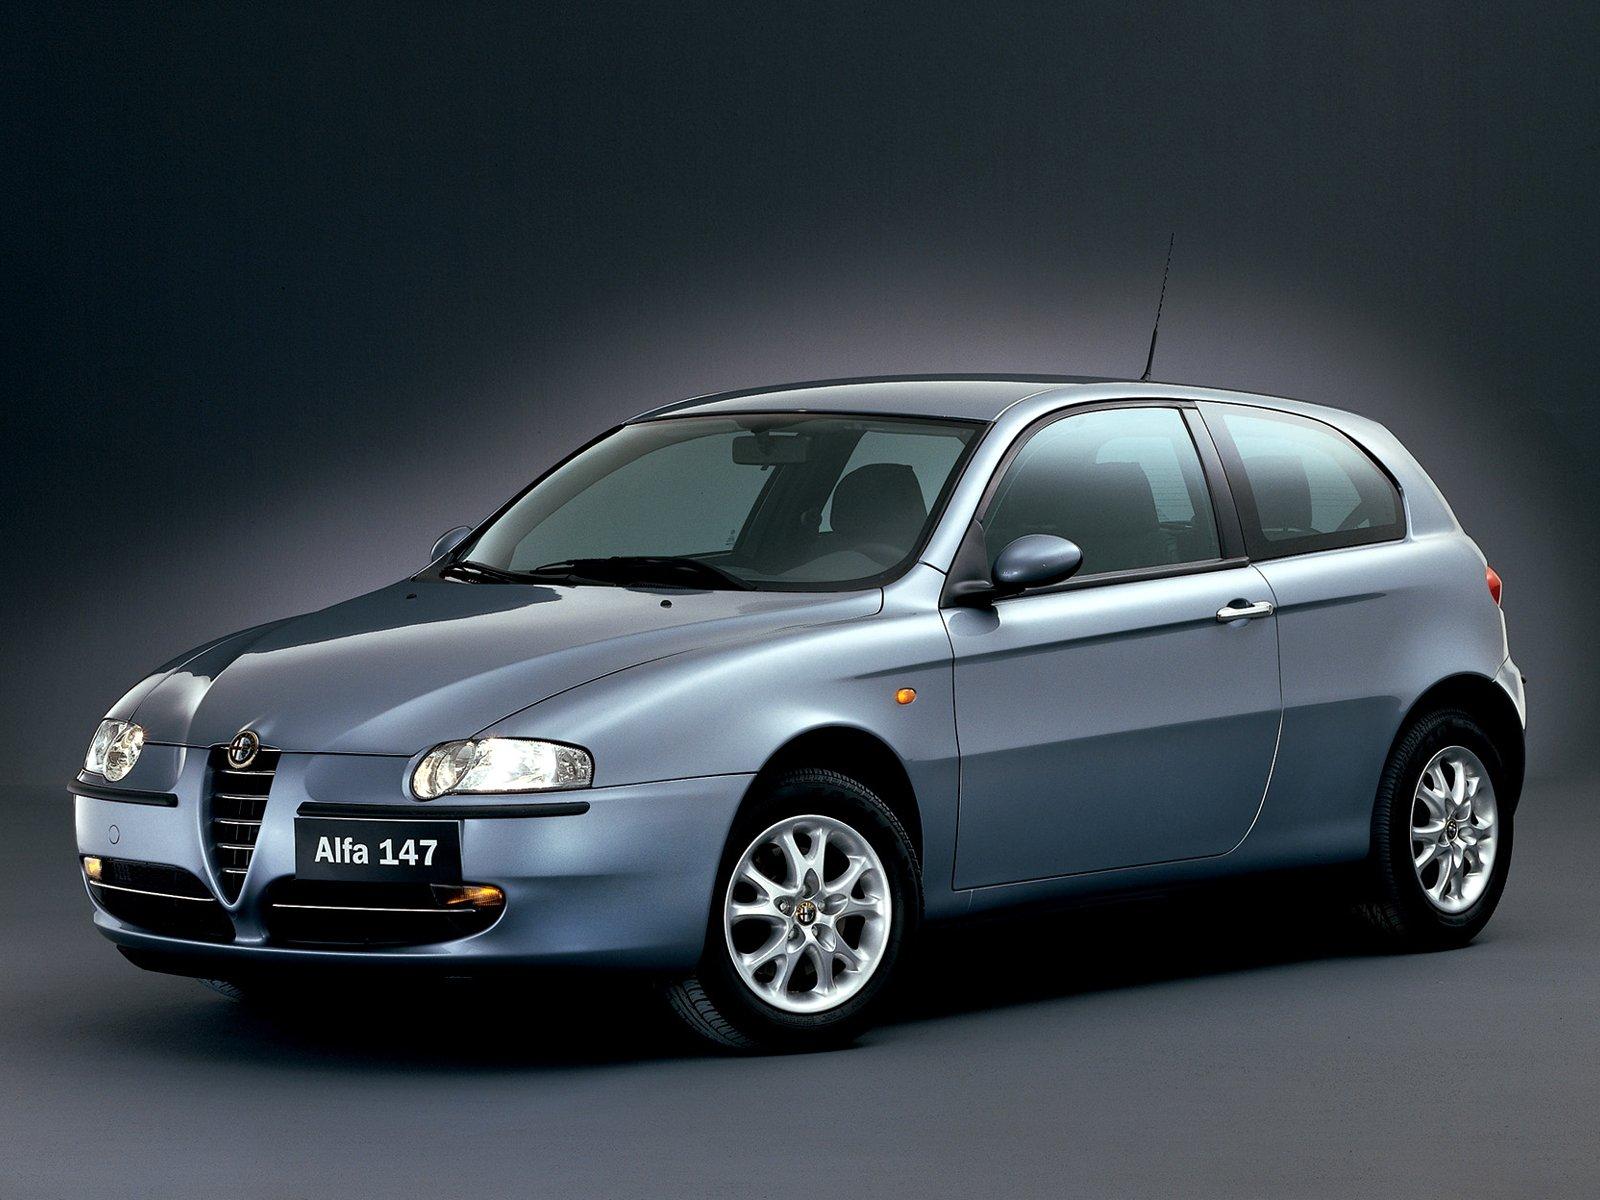 Alfa_Romeo-147_mp54_pic_9102